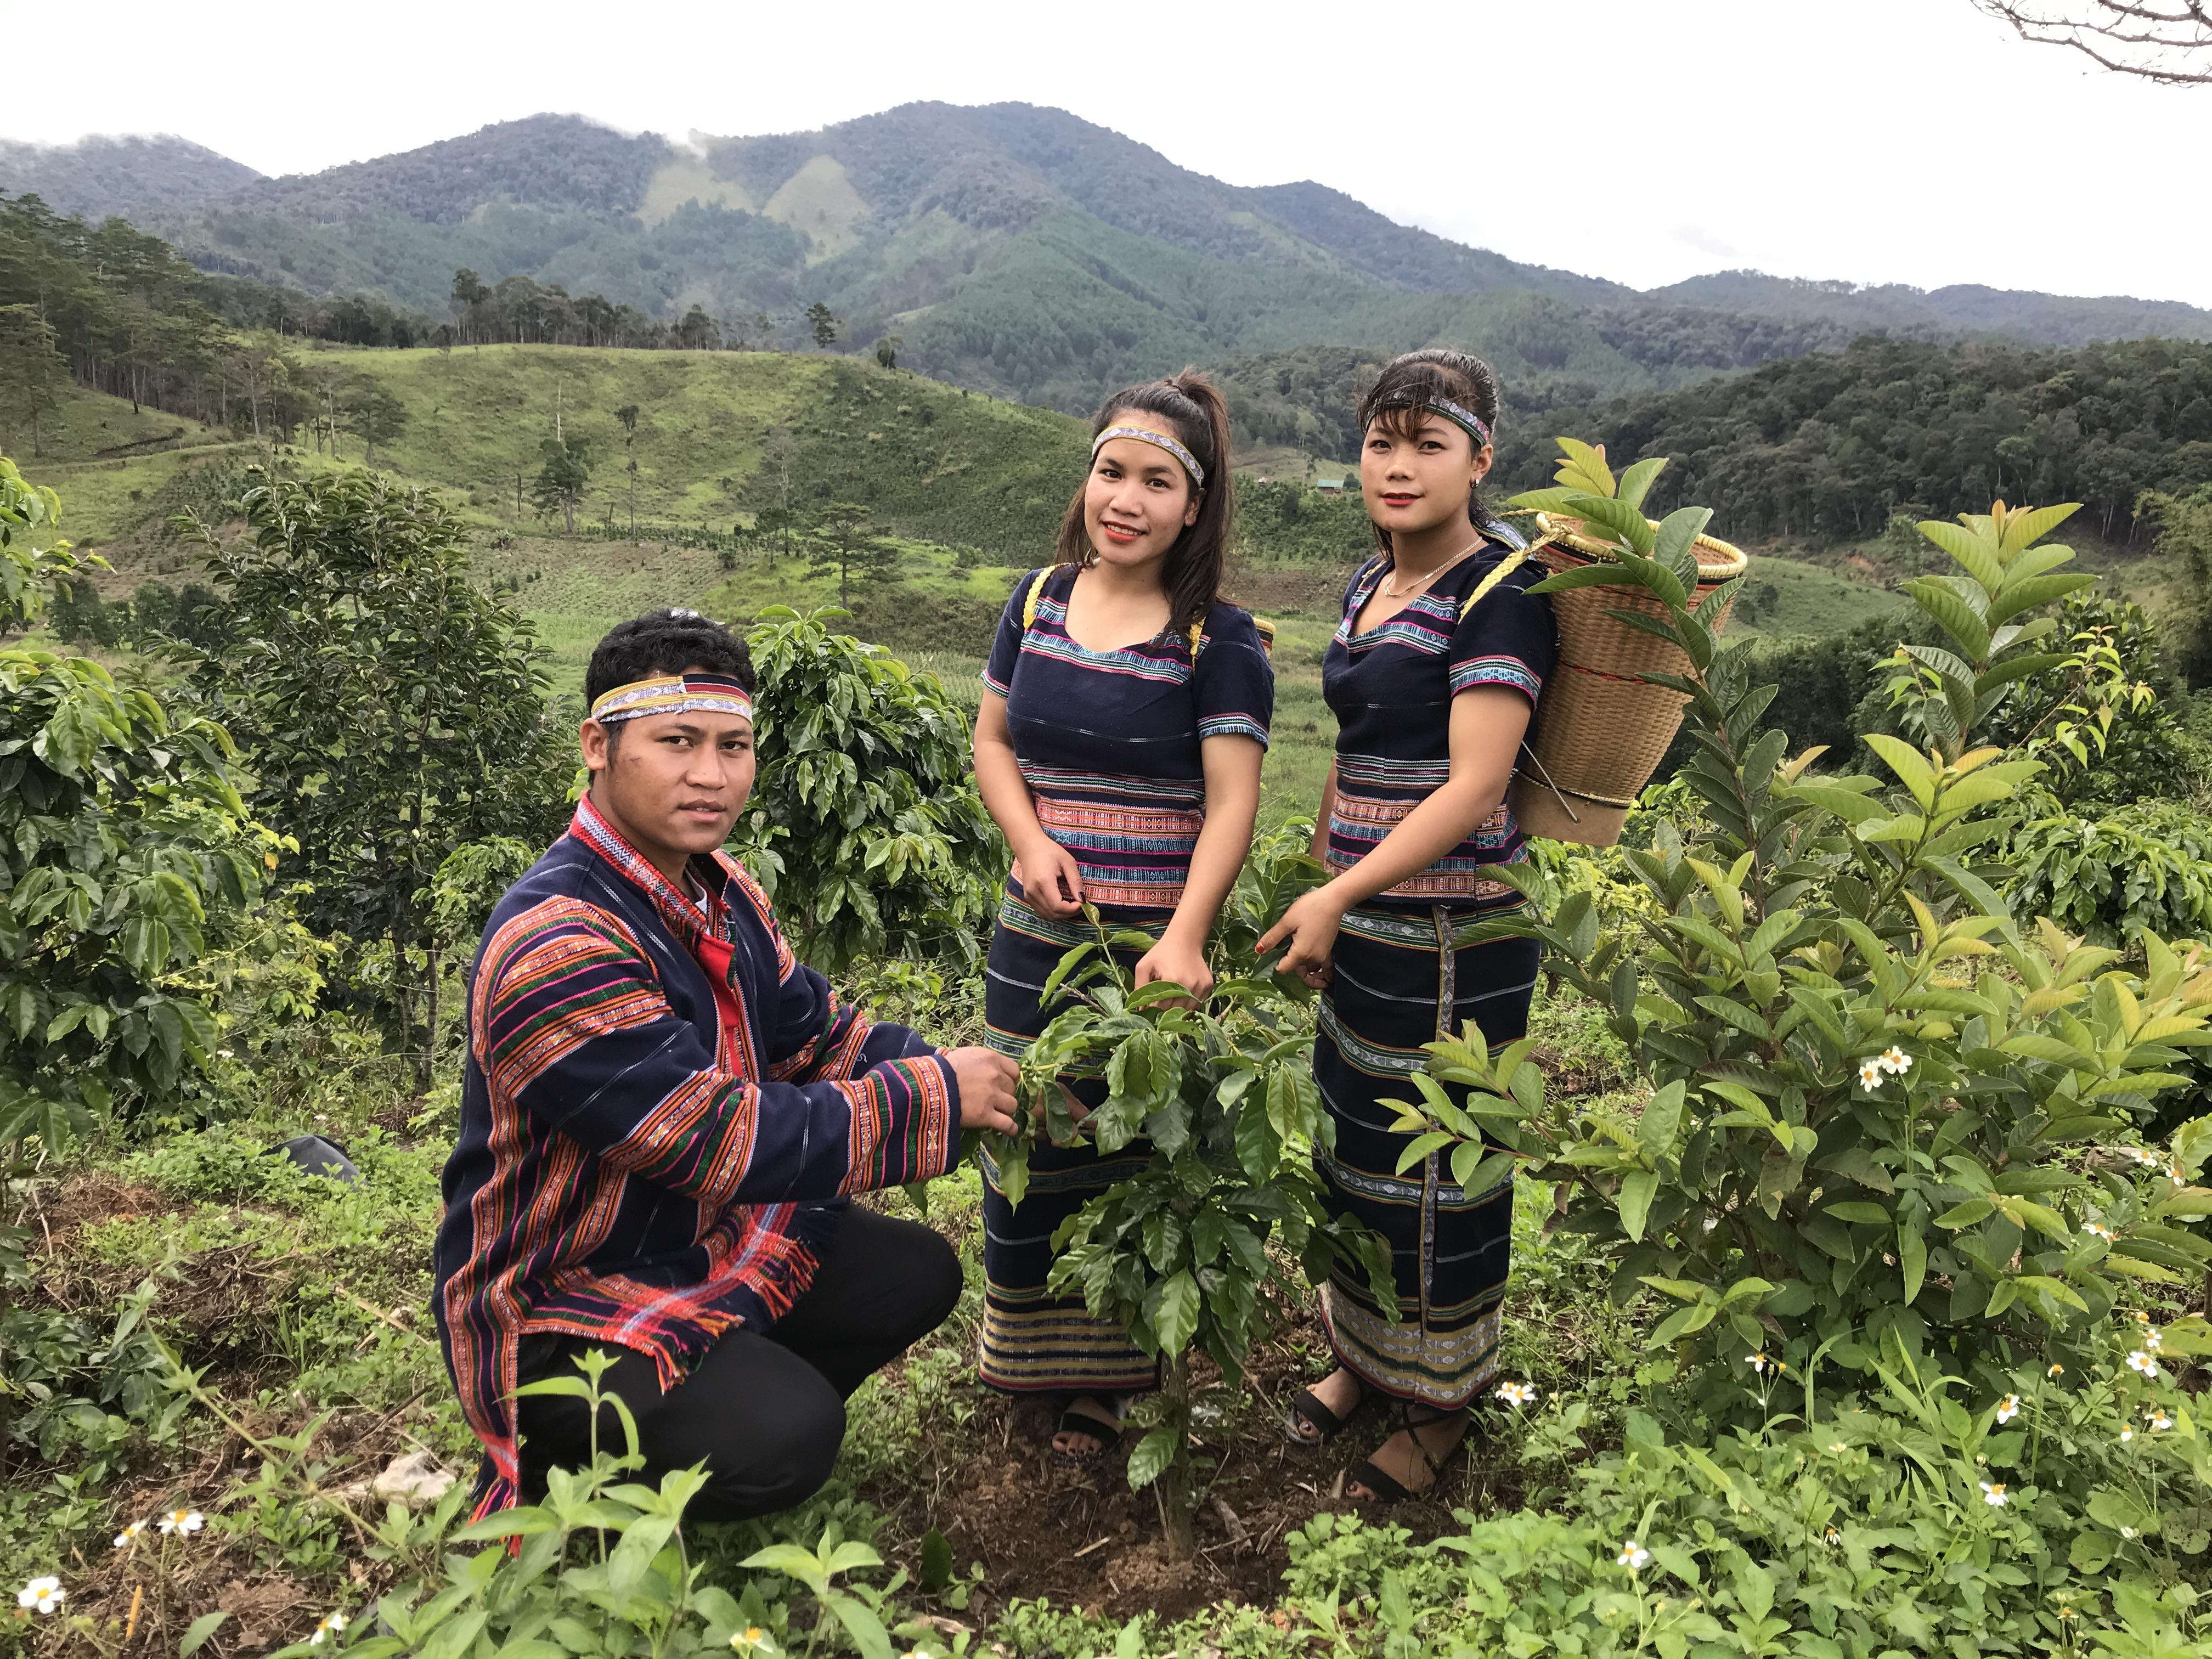 Các thành viên trẻ của Hợp tác xã Cà phê Arabica Chappi Lạc Dương